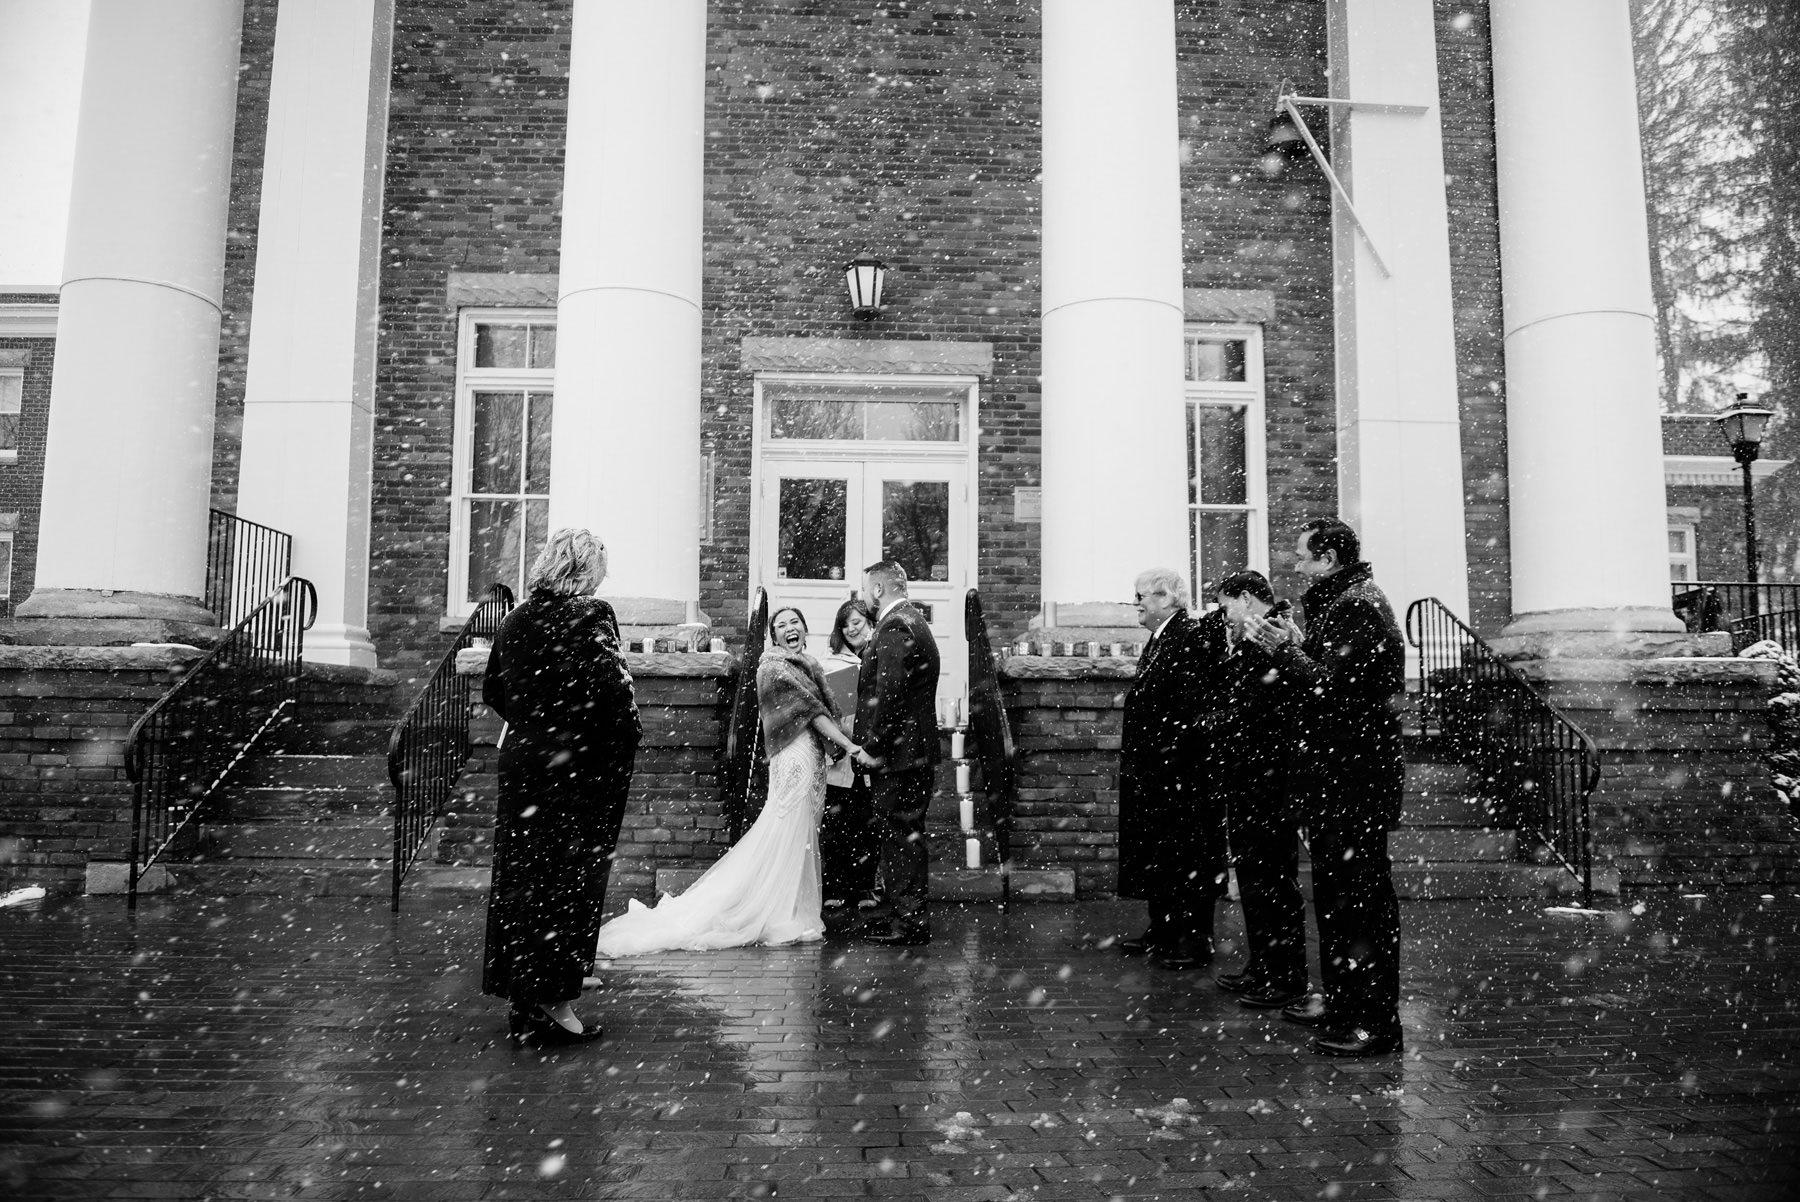 wv wedding ceremonies portfolio